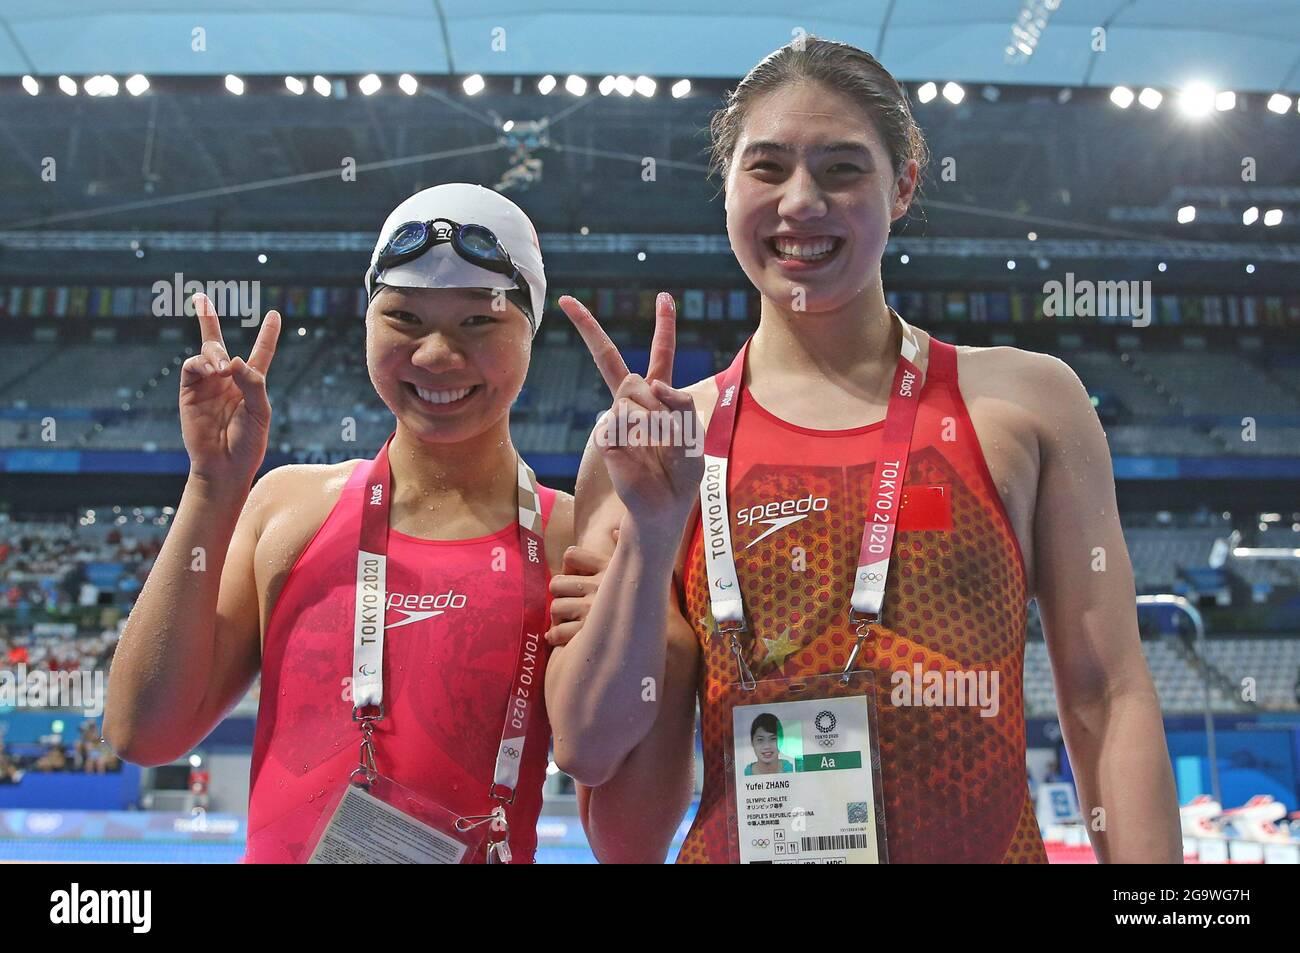 Tokio, Japan. Juli 2021. Zhang Yufei (R) und Yu Liyan aus China posieren nach dem 200 m Schmetterlingshalbfinale der Frauen bei den Olympischen Spielen 2020 in Tokio, Japan, 28. Juli 2021. Quelle: Ding Xu/Xinhua/Alamy Live News Stockfoto